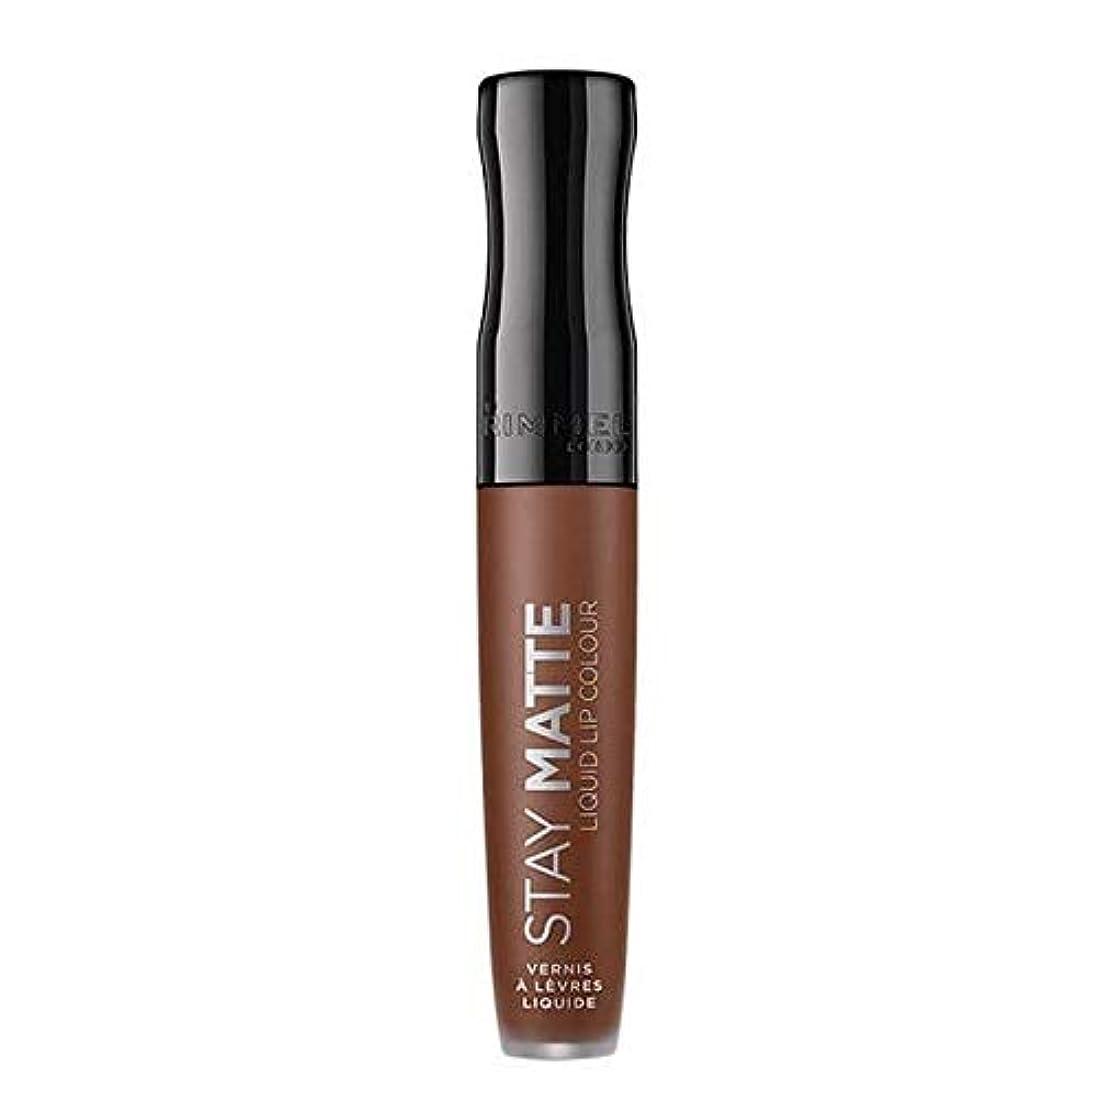 エキゾチック液体卵[Rimmel ] スキャンダラスリンメルステイマット液体リップ口紅 - Rimmel Stay Matte Liquid Lip Lipstick Scandalous [並行輸入品]